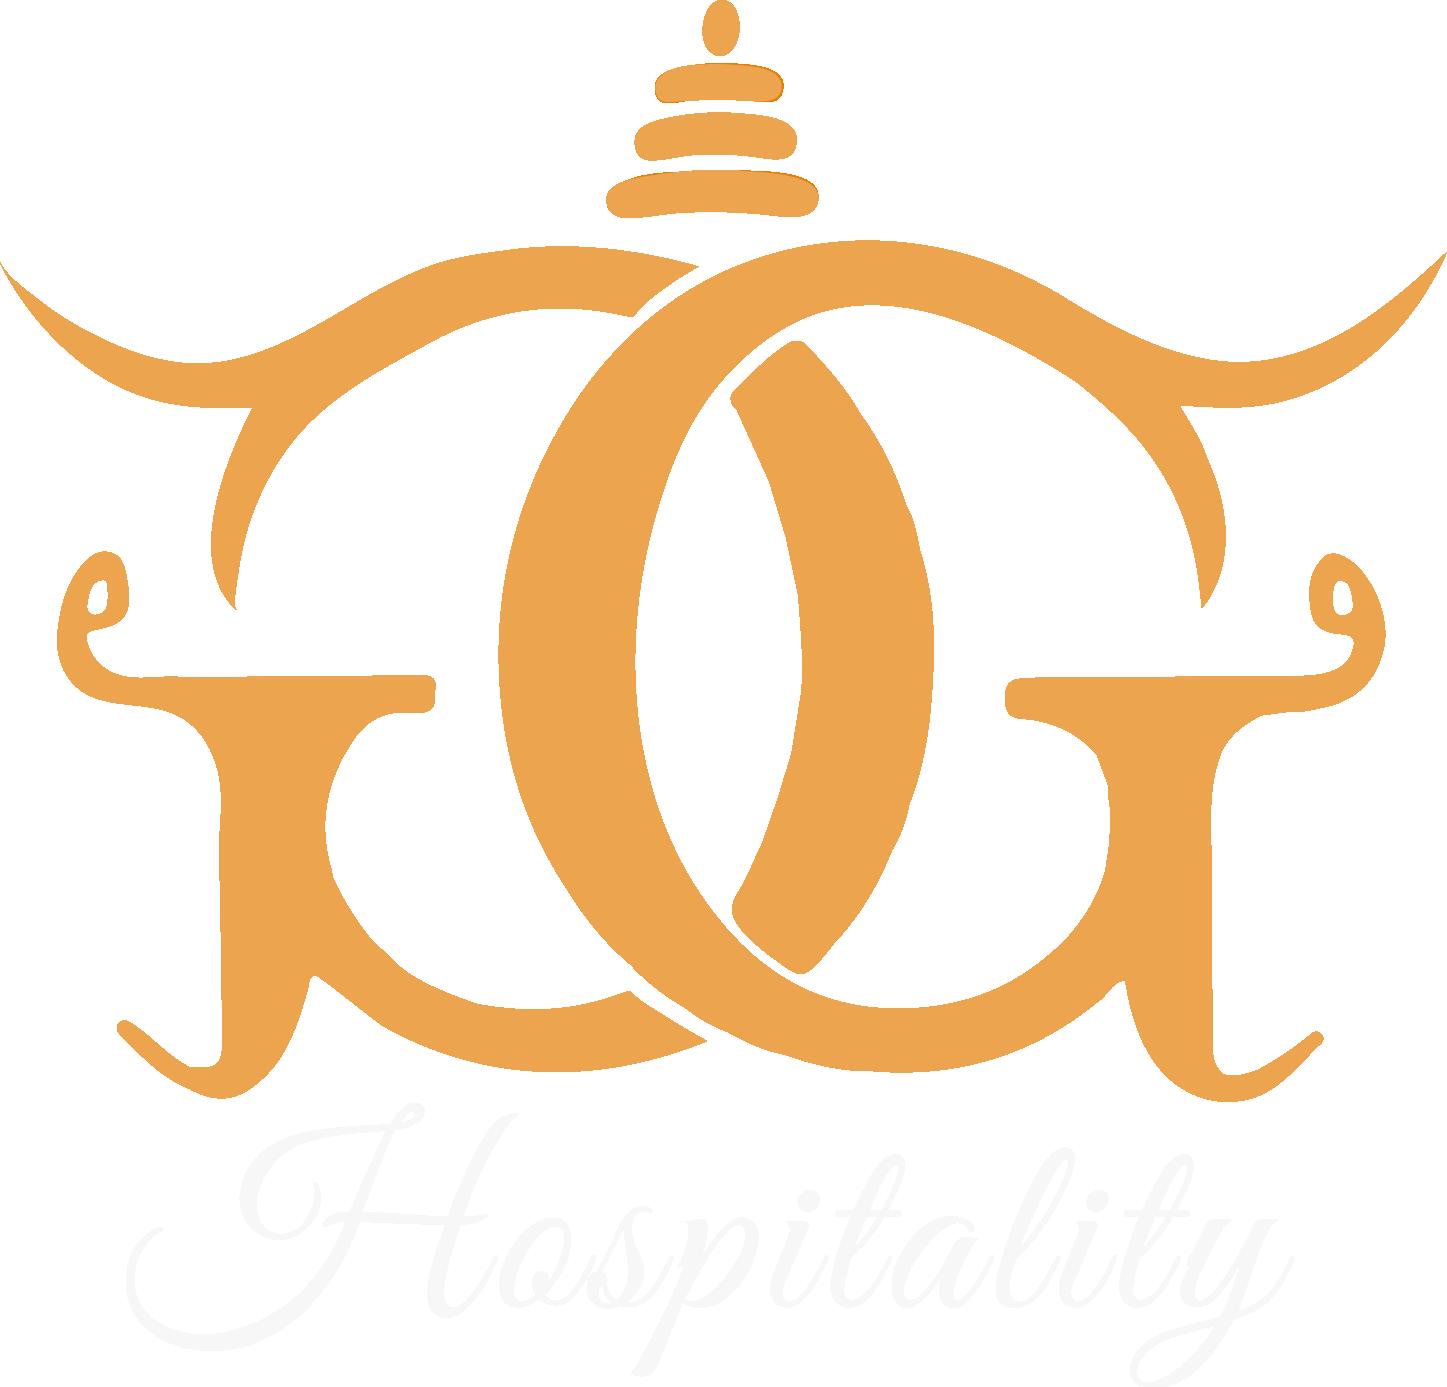 Our team g gg. Teamwork clipart hospitality